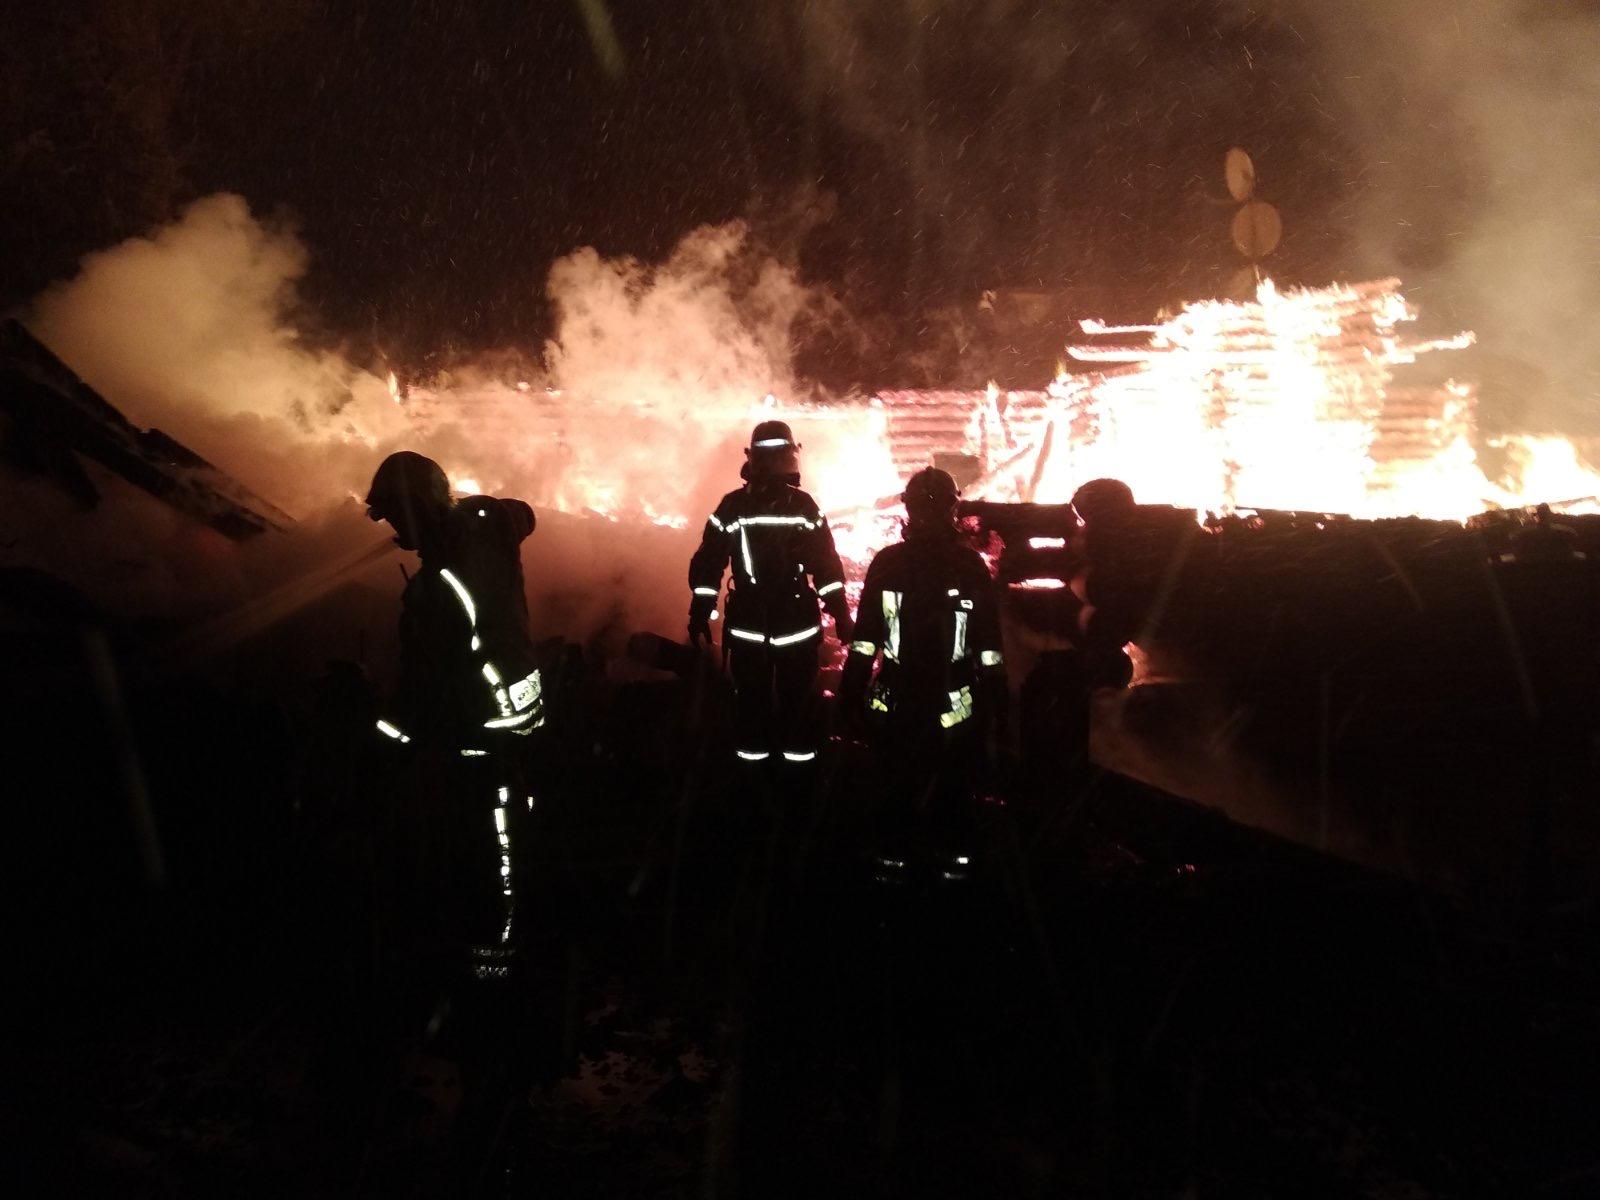 Під Обуховом загасили двоповерховий будинок - рятувальники, загорання житлового будинку, вогонь - IMG 41b504e97b40a26cd12a08e3129d7656 V